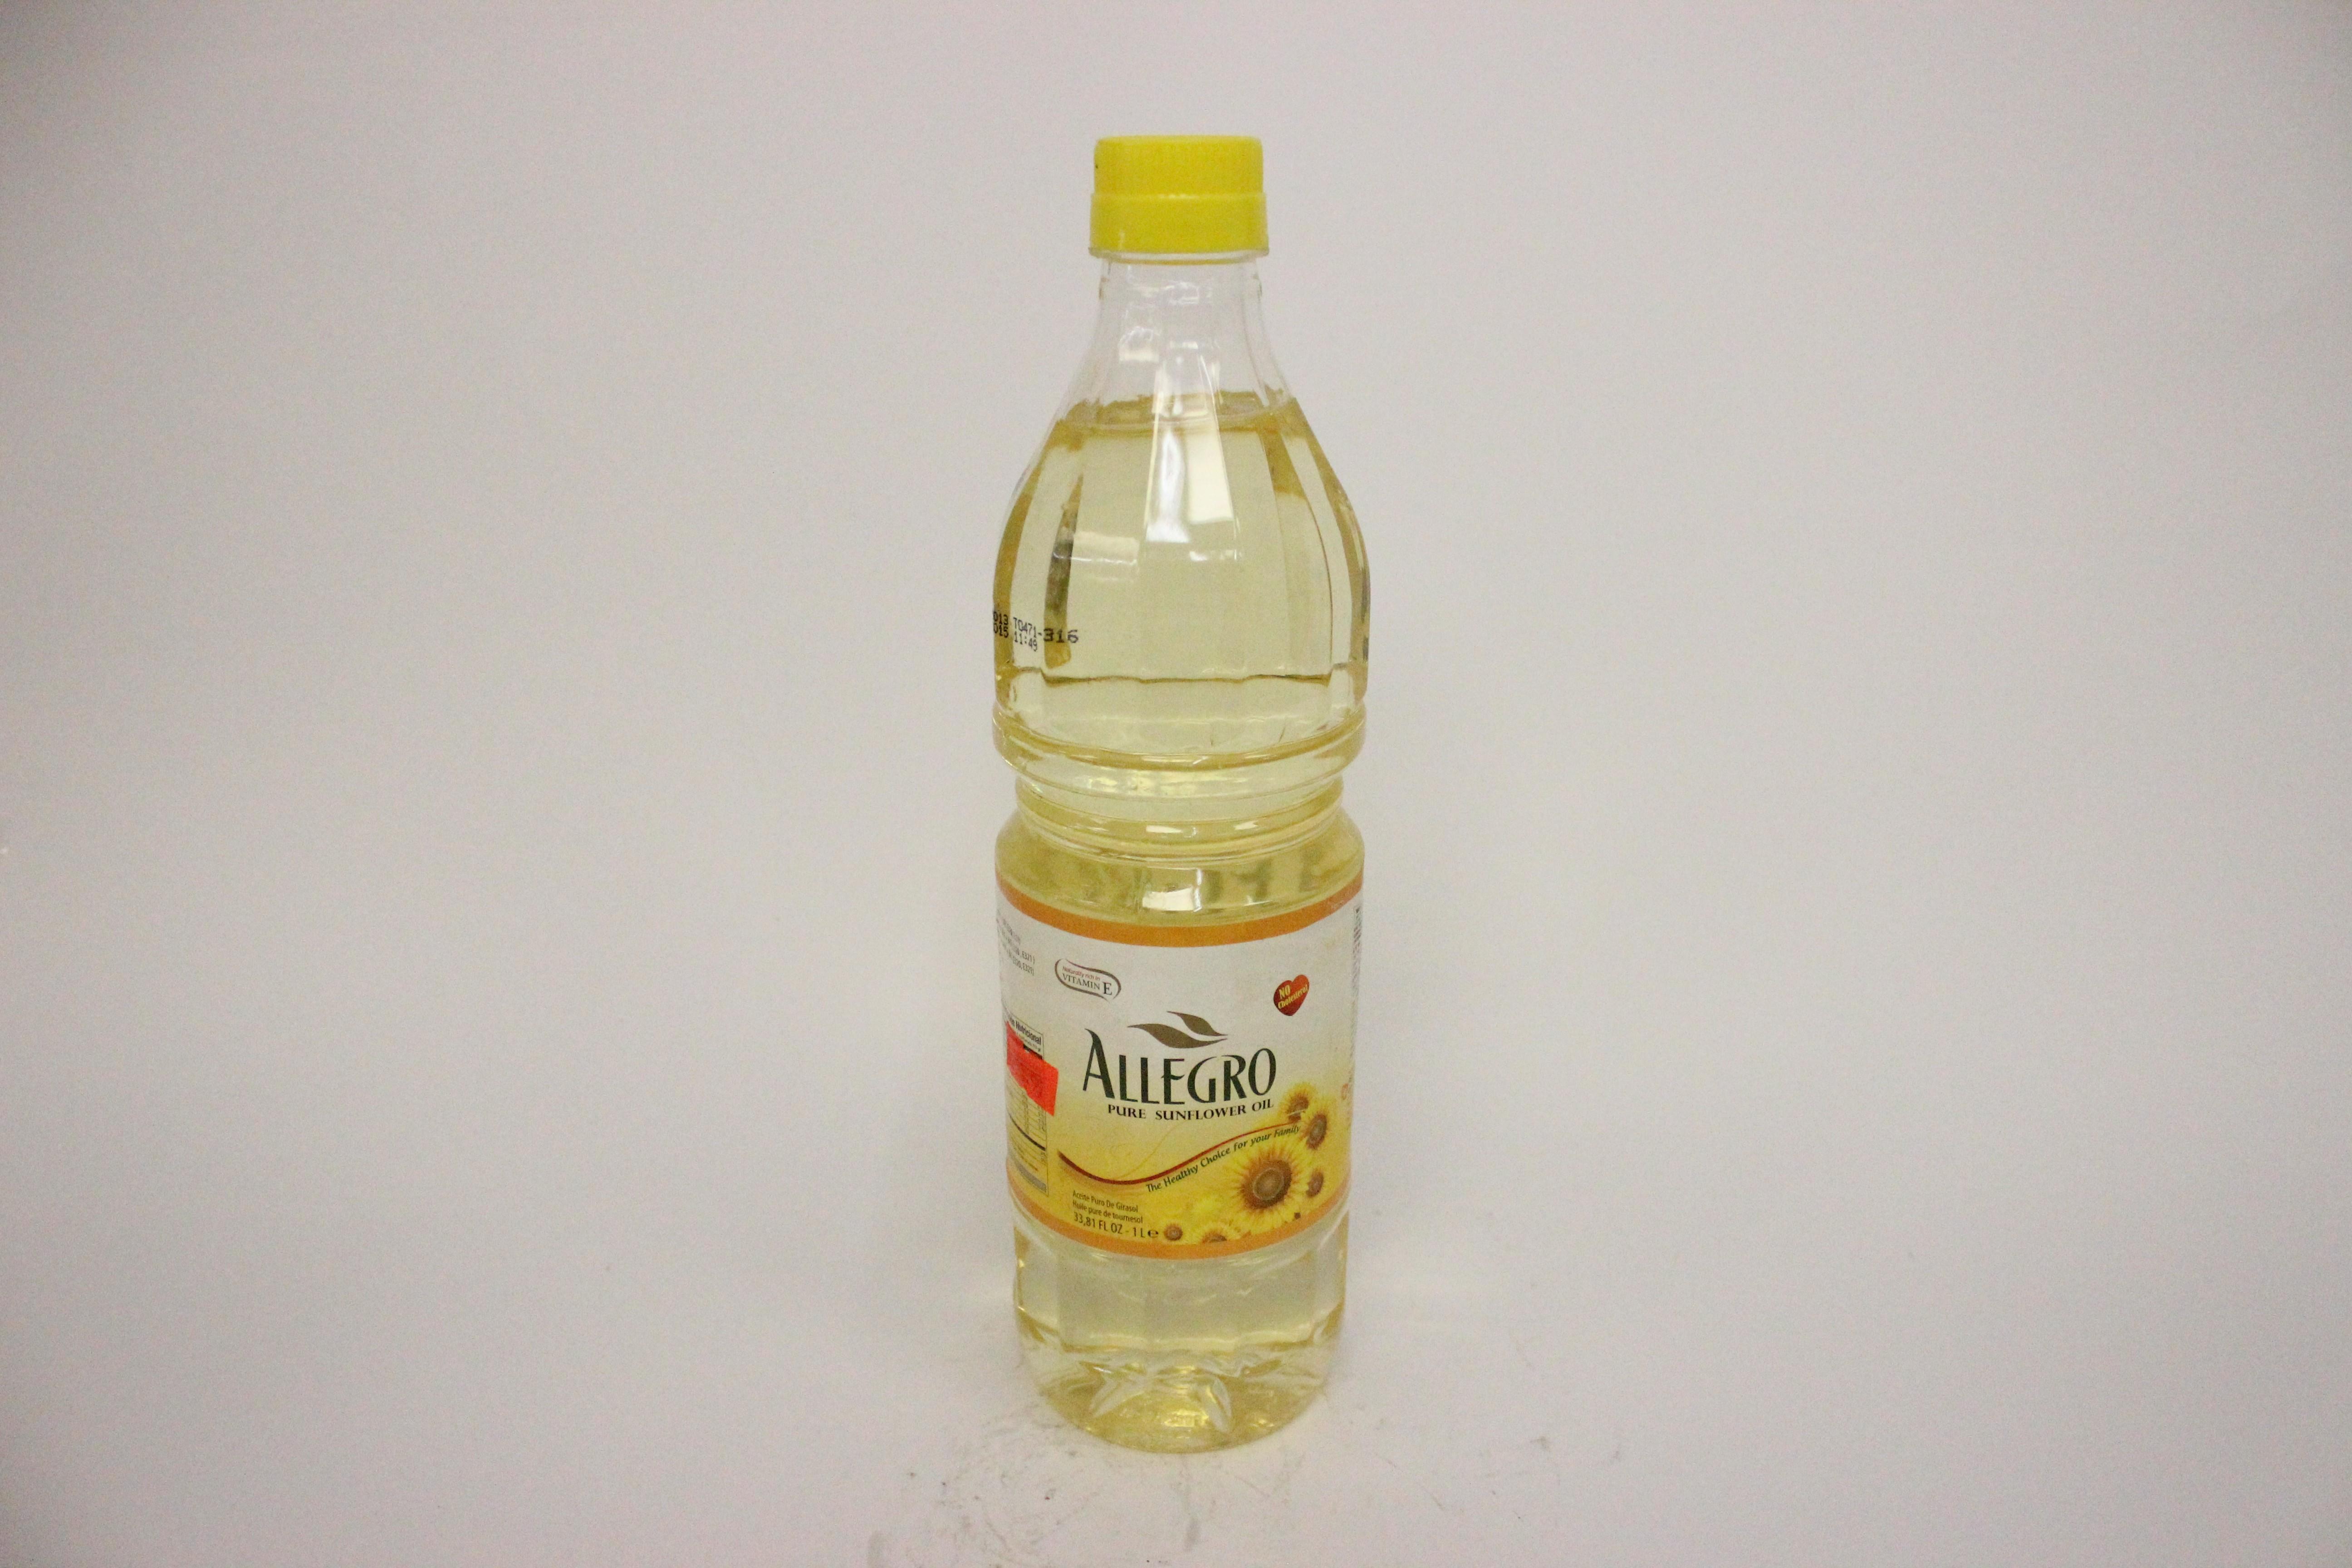 Allegro Pure Sunflower Oil 1 L